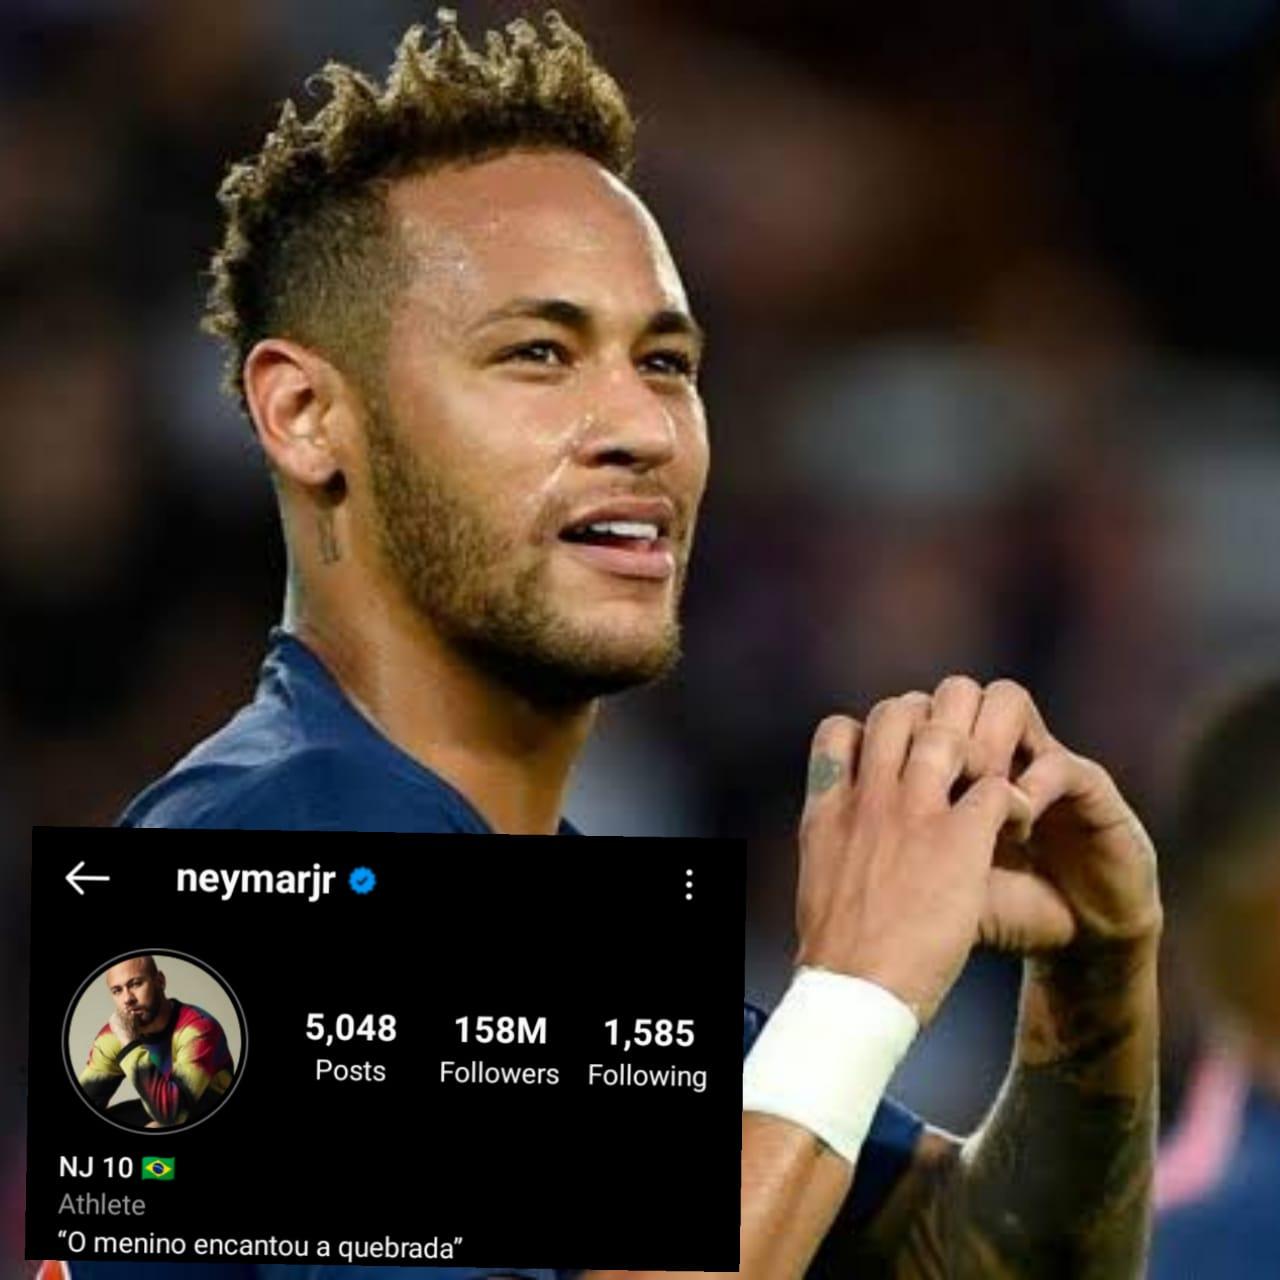 Jr Neymar Instagram Followers